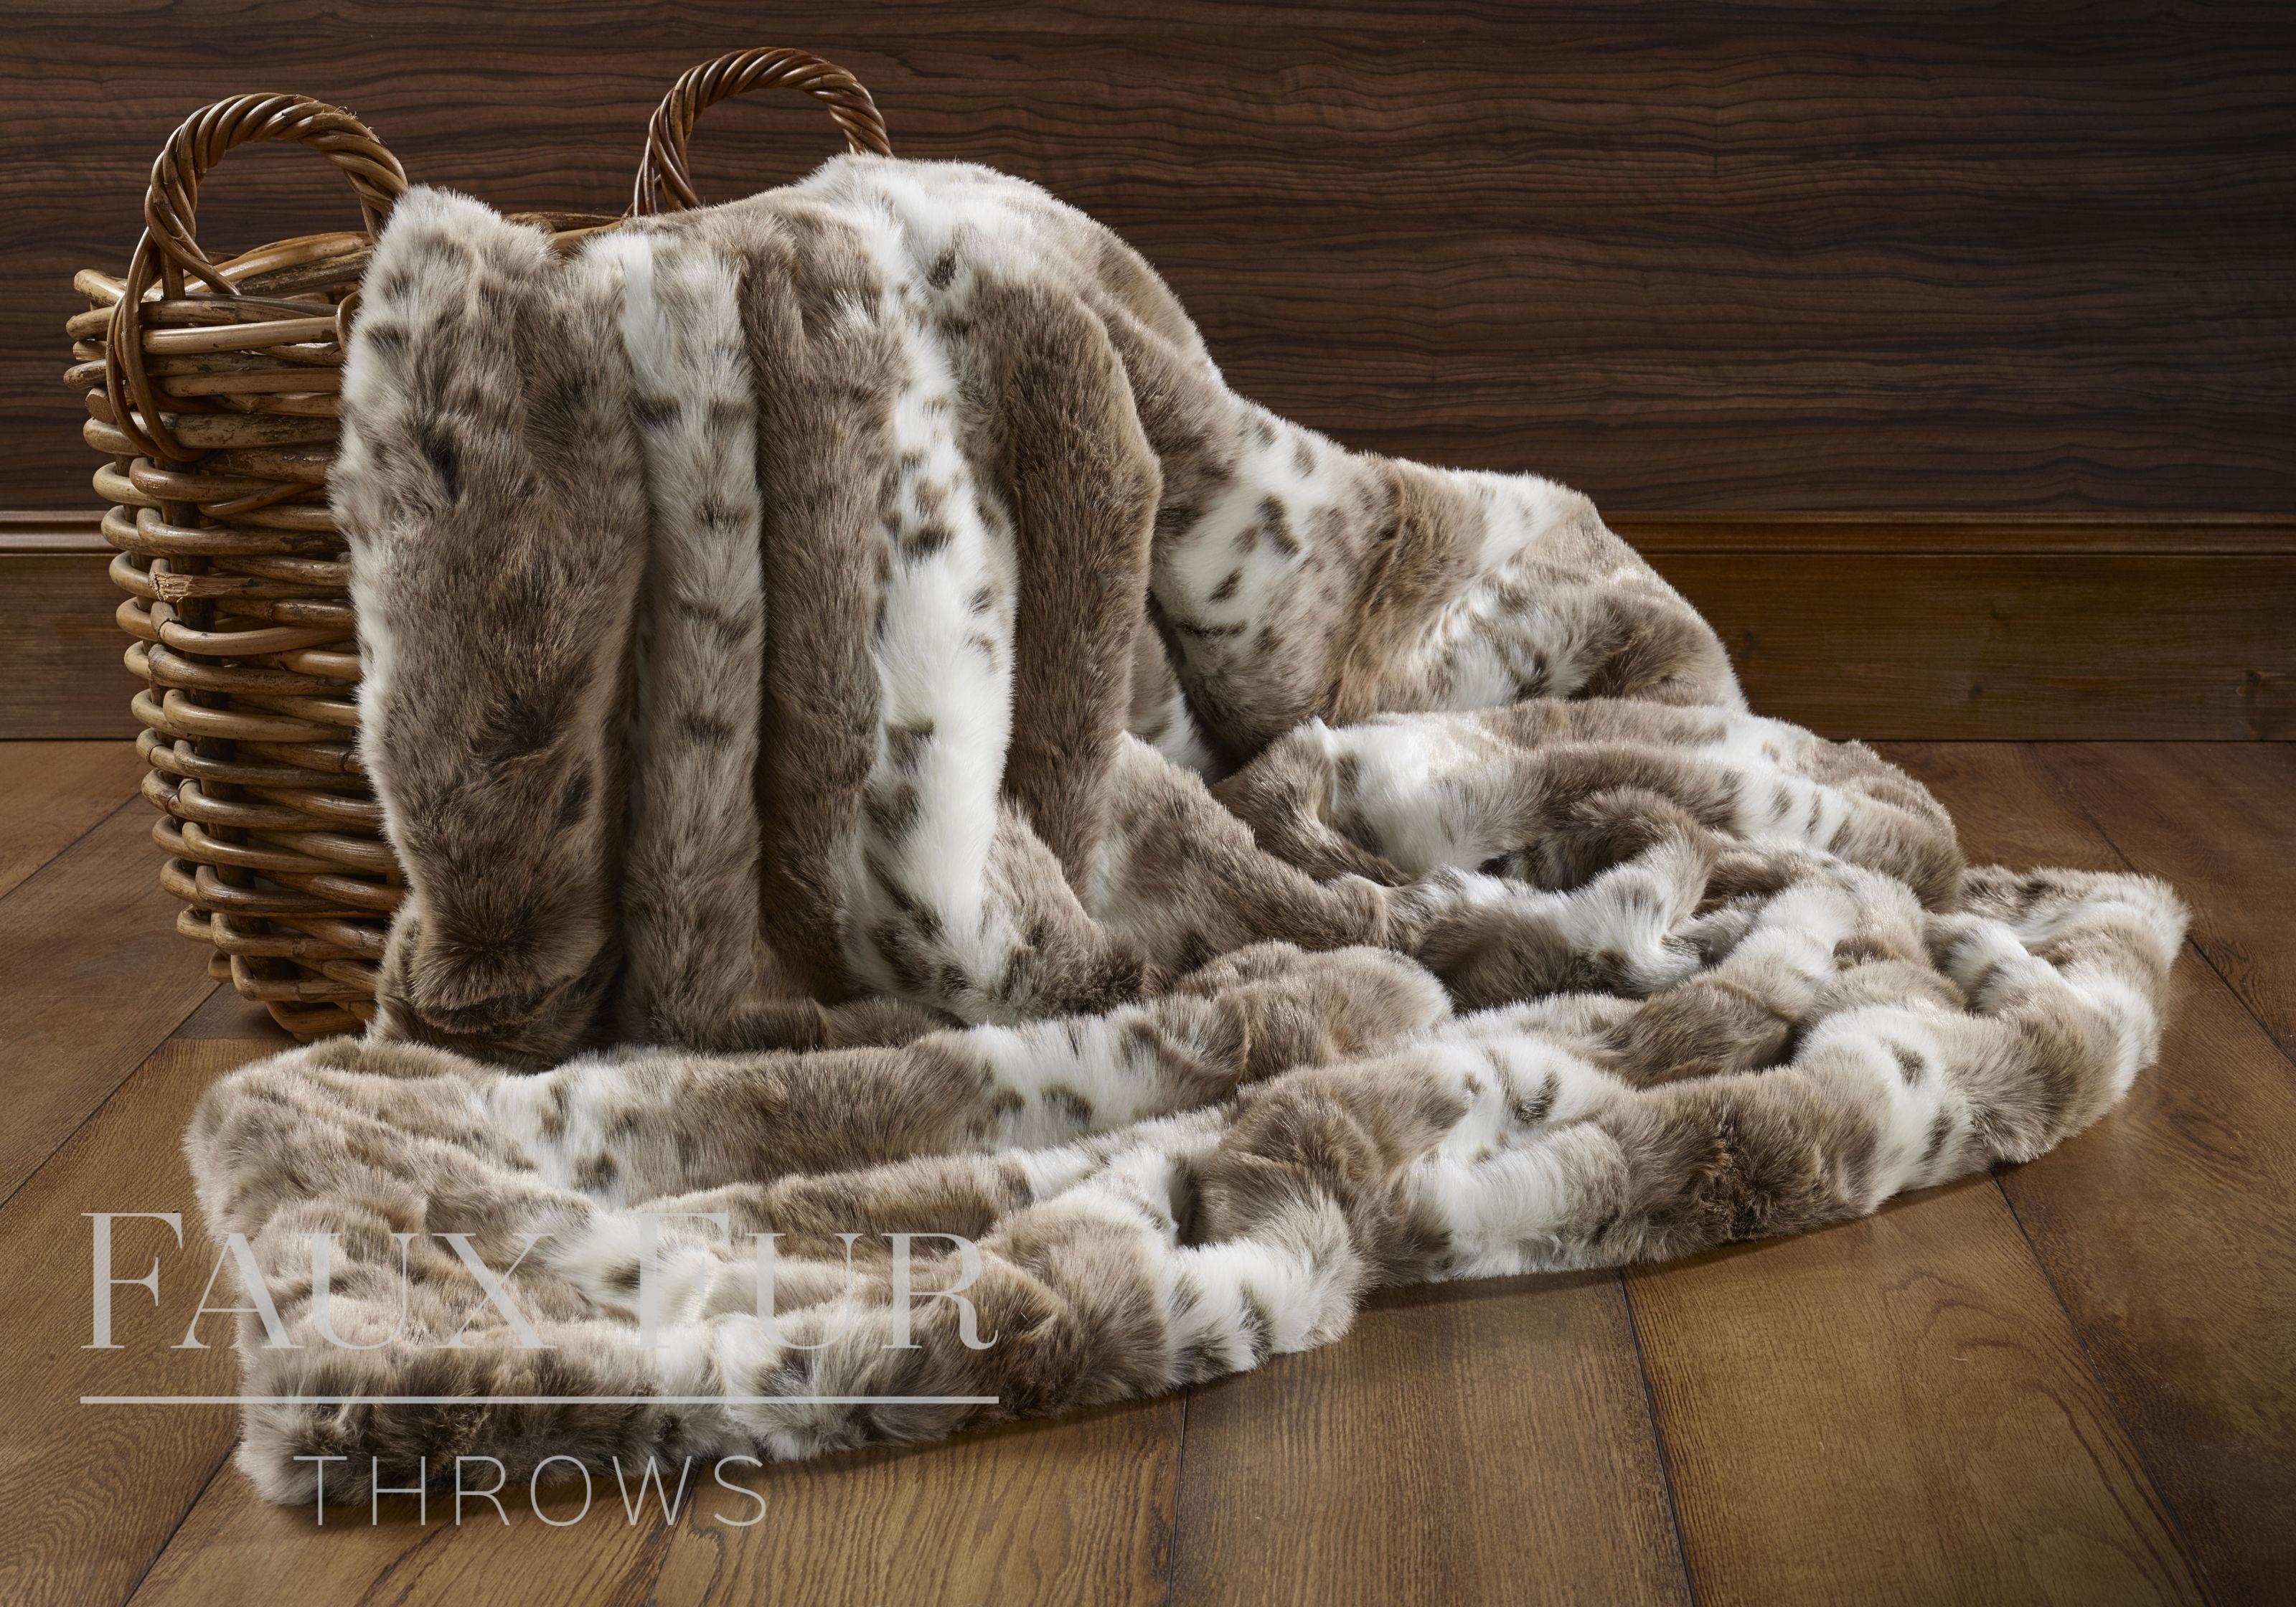 Brown White Striped Animal Faux Fur Throw – Sierra Nevada 67ed19ba9f3a9